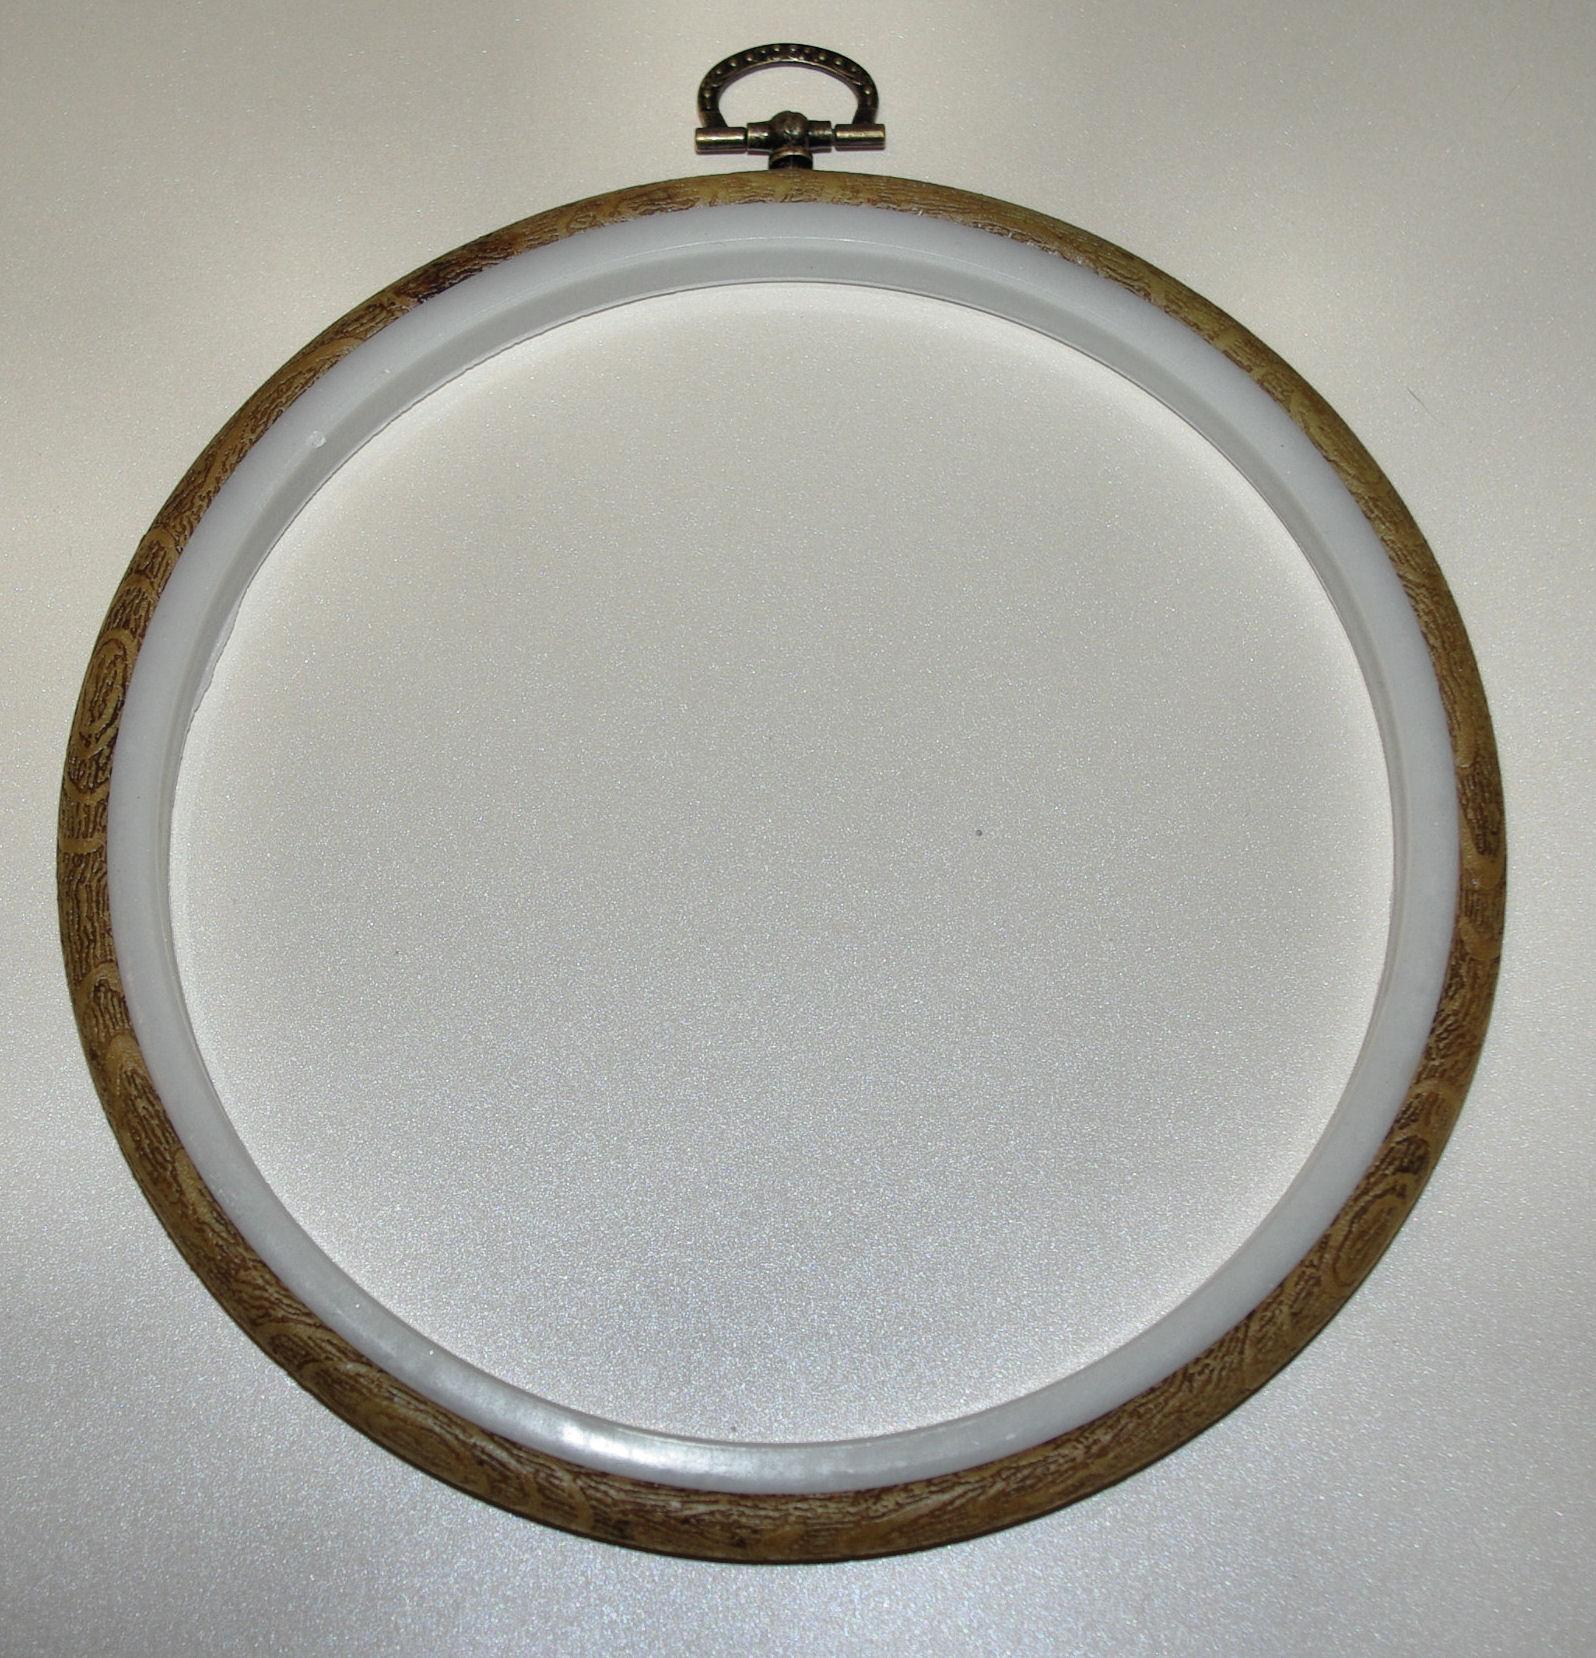 Loom-frame Anchor